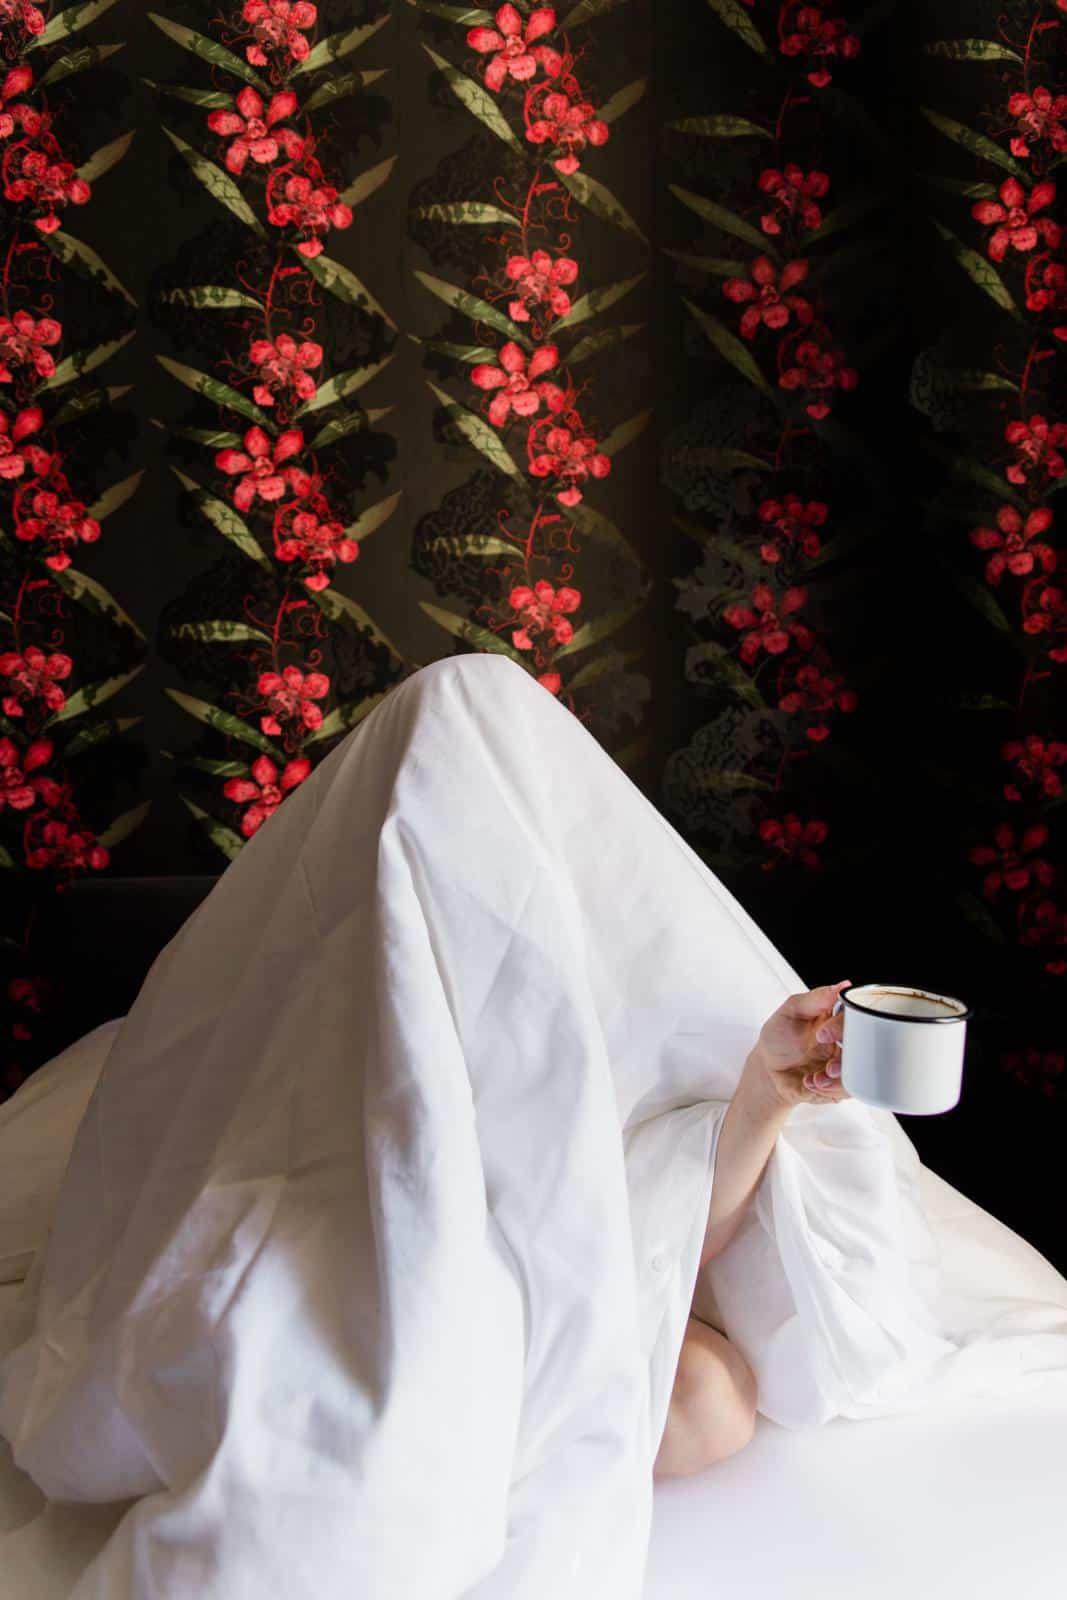 seit1832 nachhaltige Bettwäsche weiß Frau mit Kaffeetasse im Bett